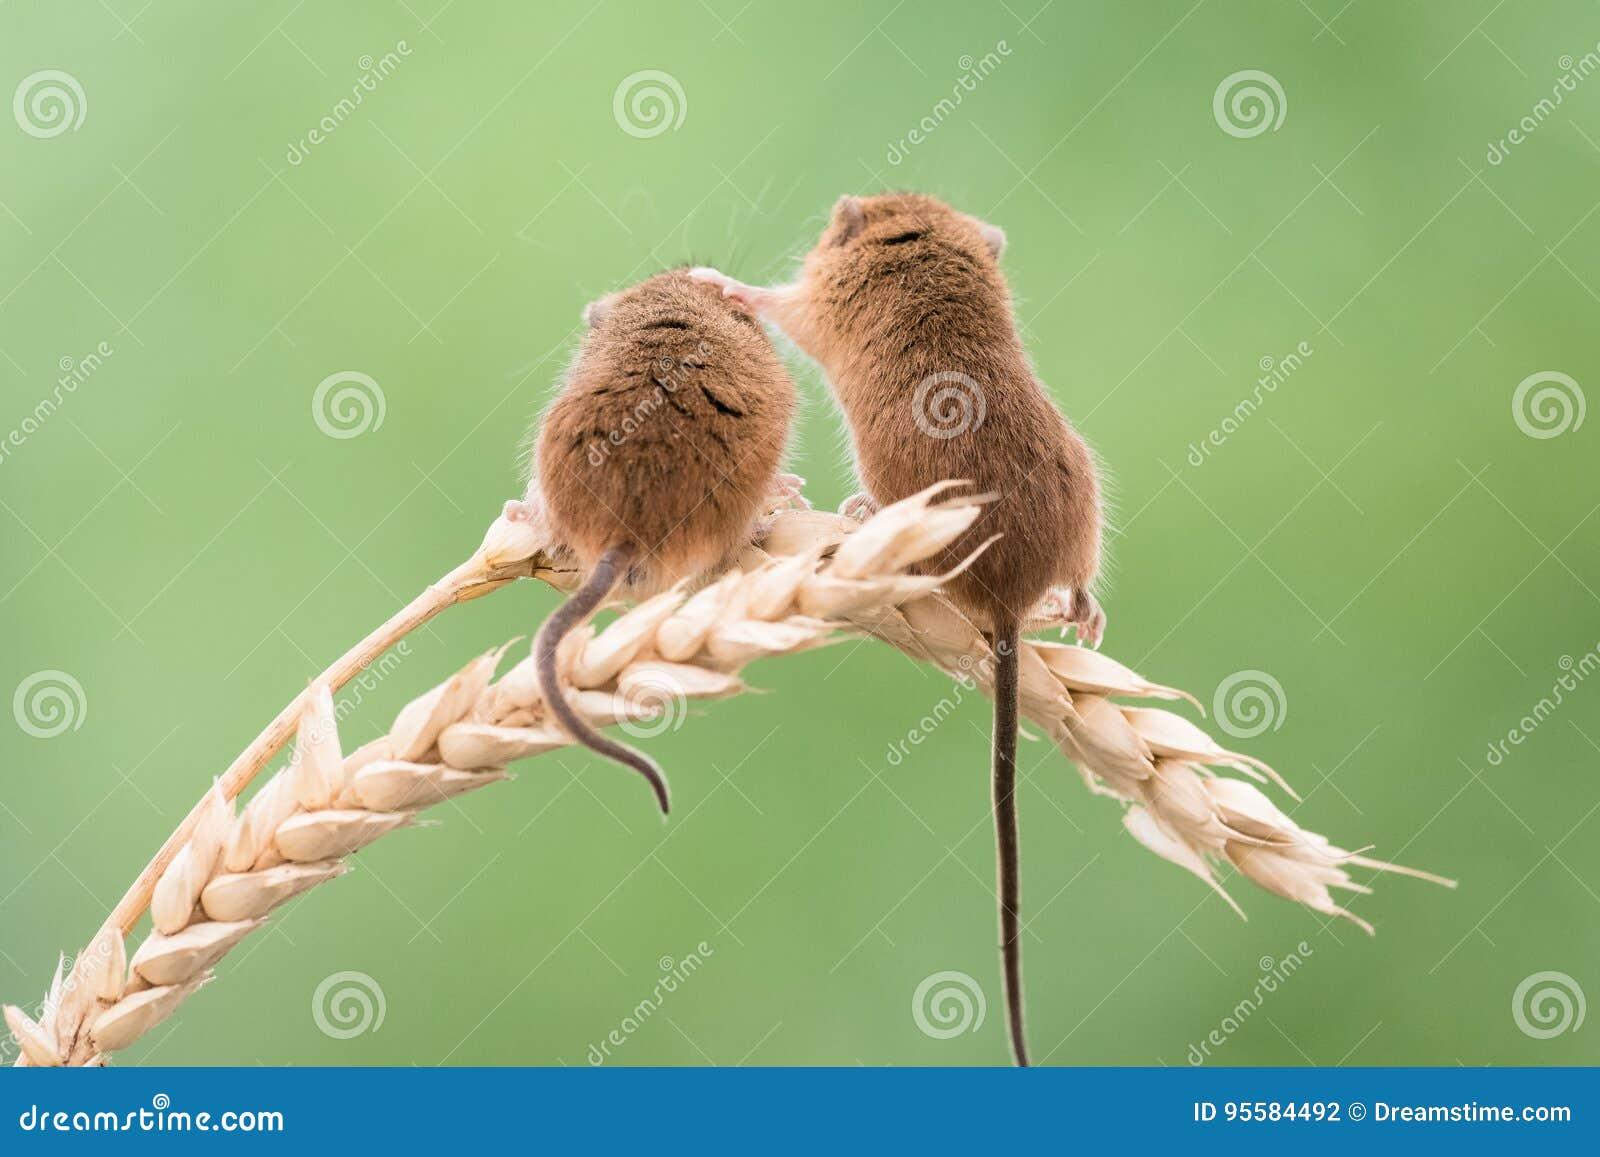 Ποντίκι συγκομιδών